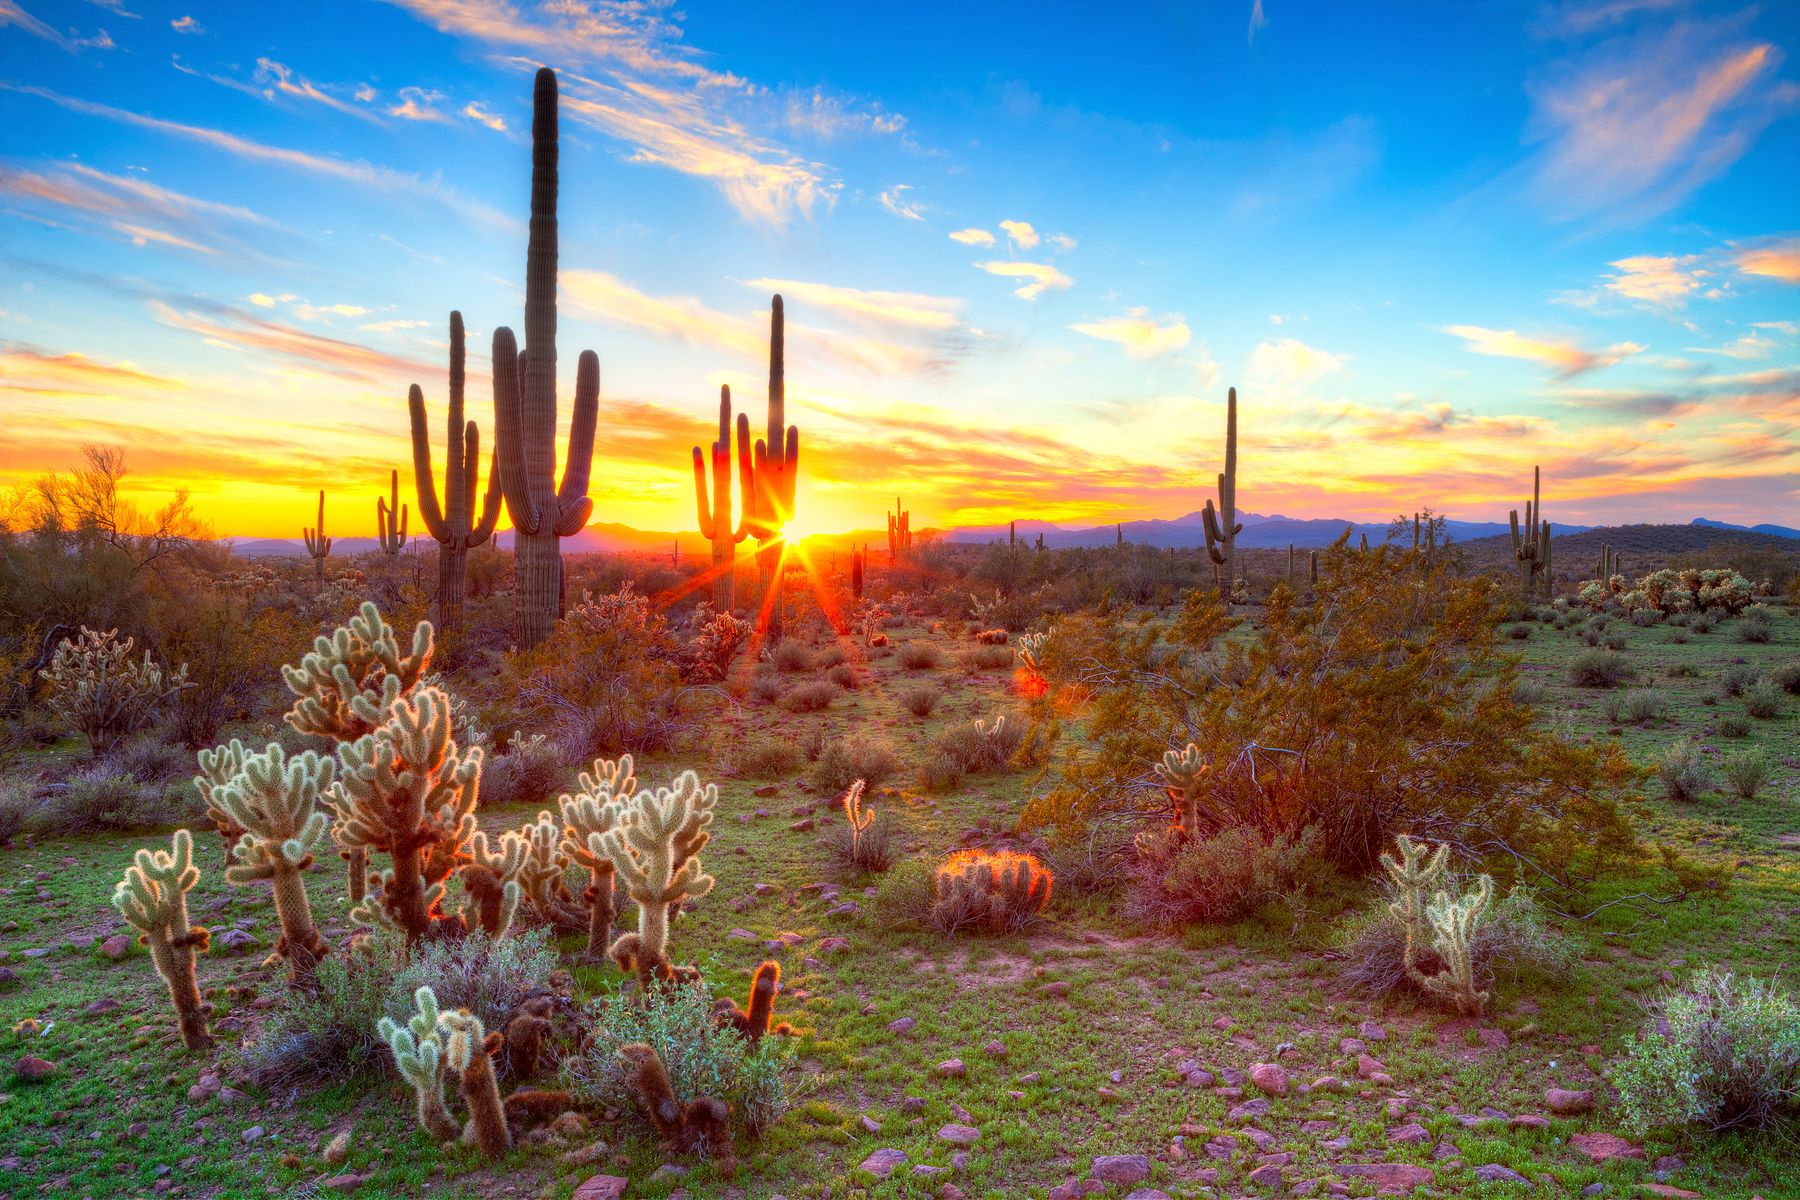 arizona, viaje en carretera arizona, viaje carretera parques nacionales, carretera monument valley, parques nacionales usa, viajes carretera